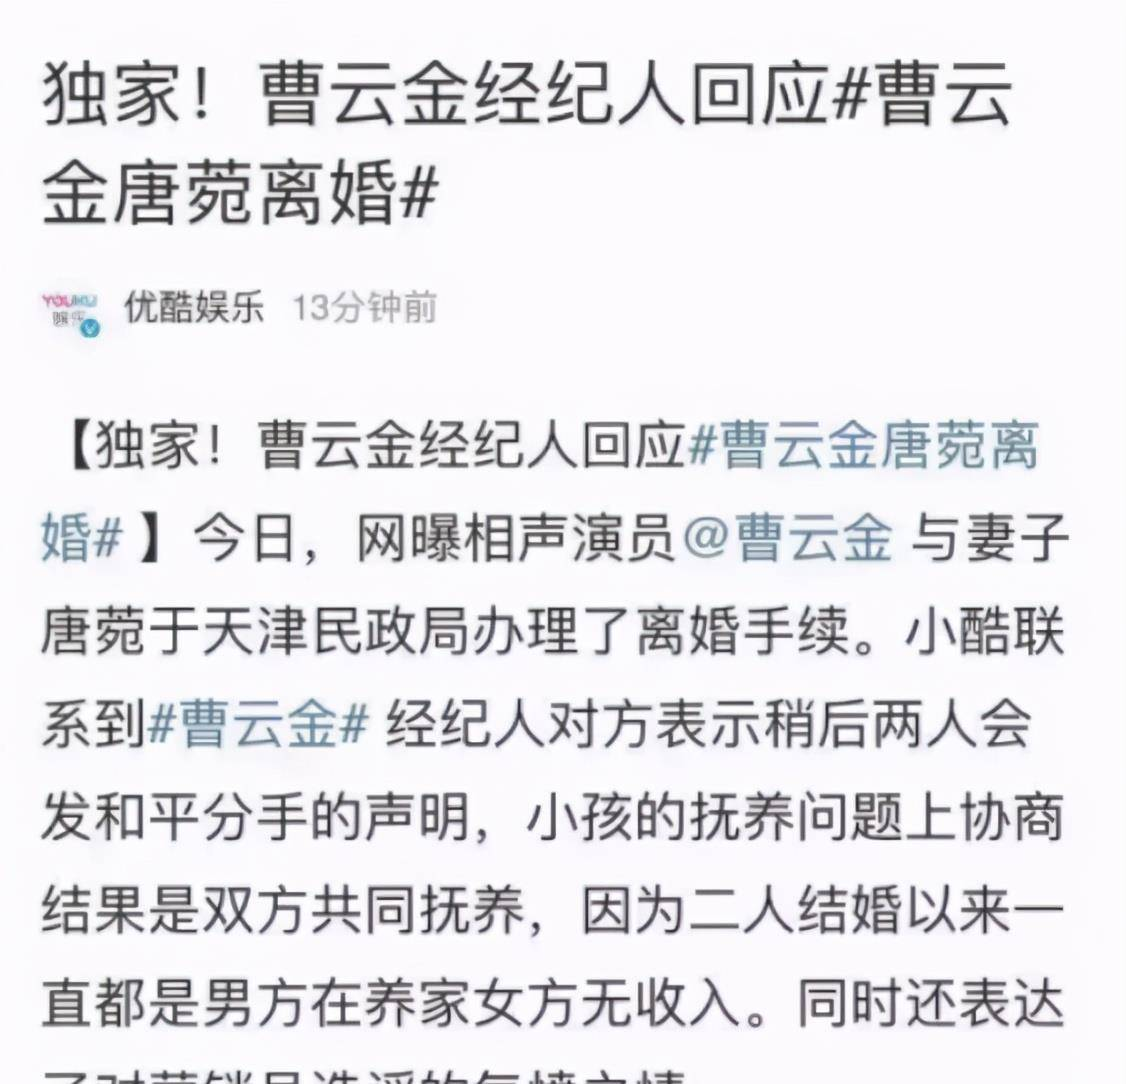 曹雲金「強拽」美女上車引熱議:「拋棄妻子」兩年後,再傳新戀情